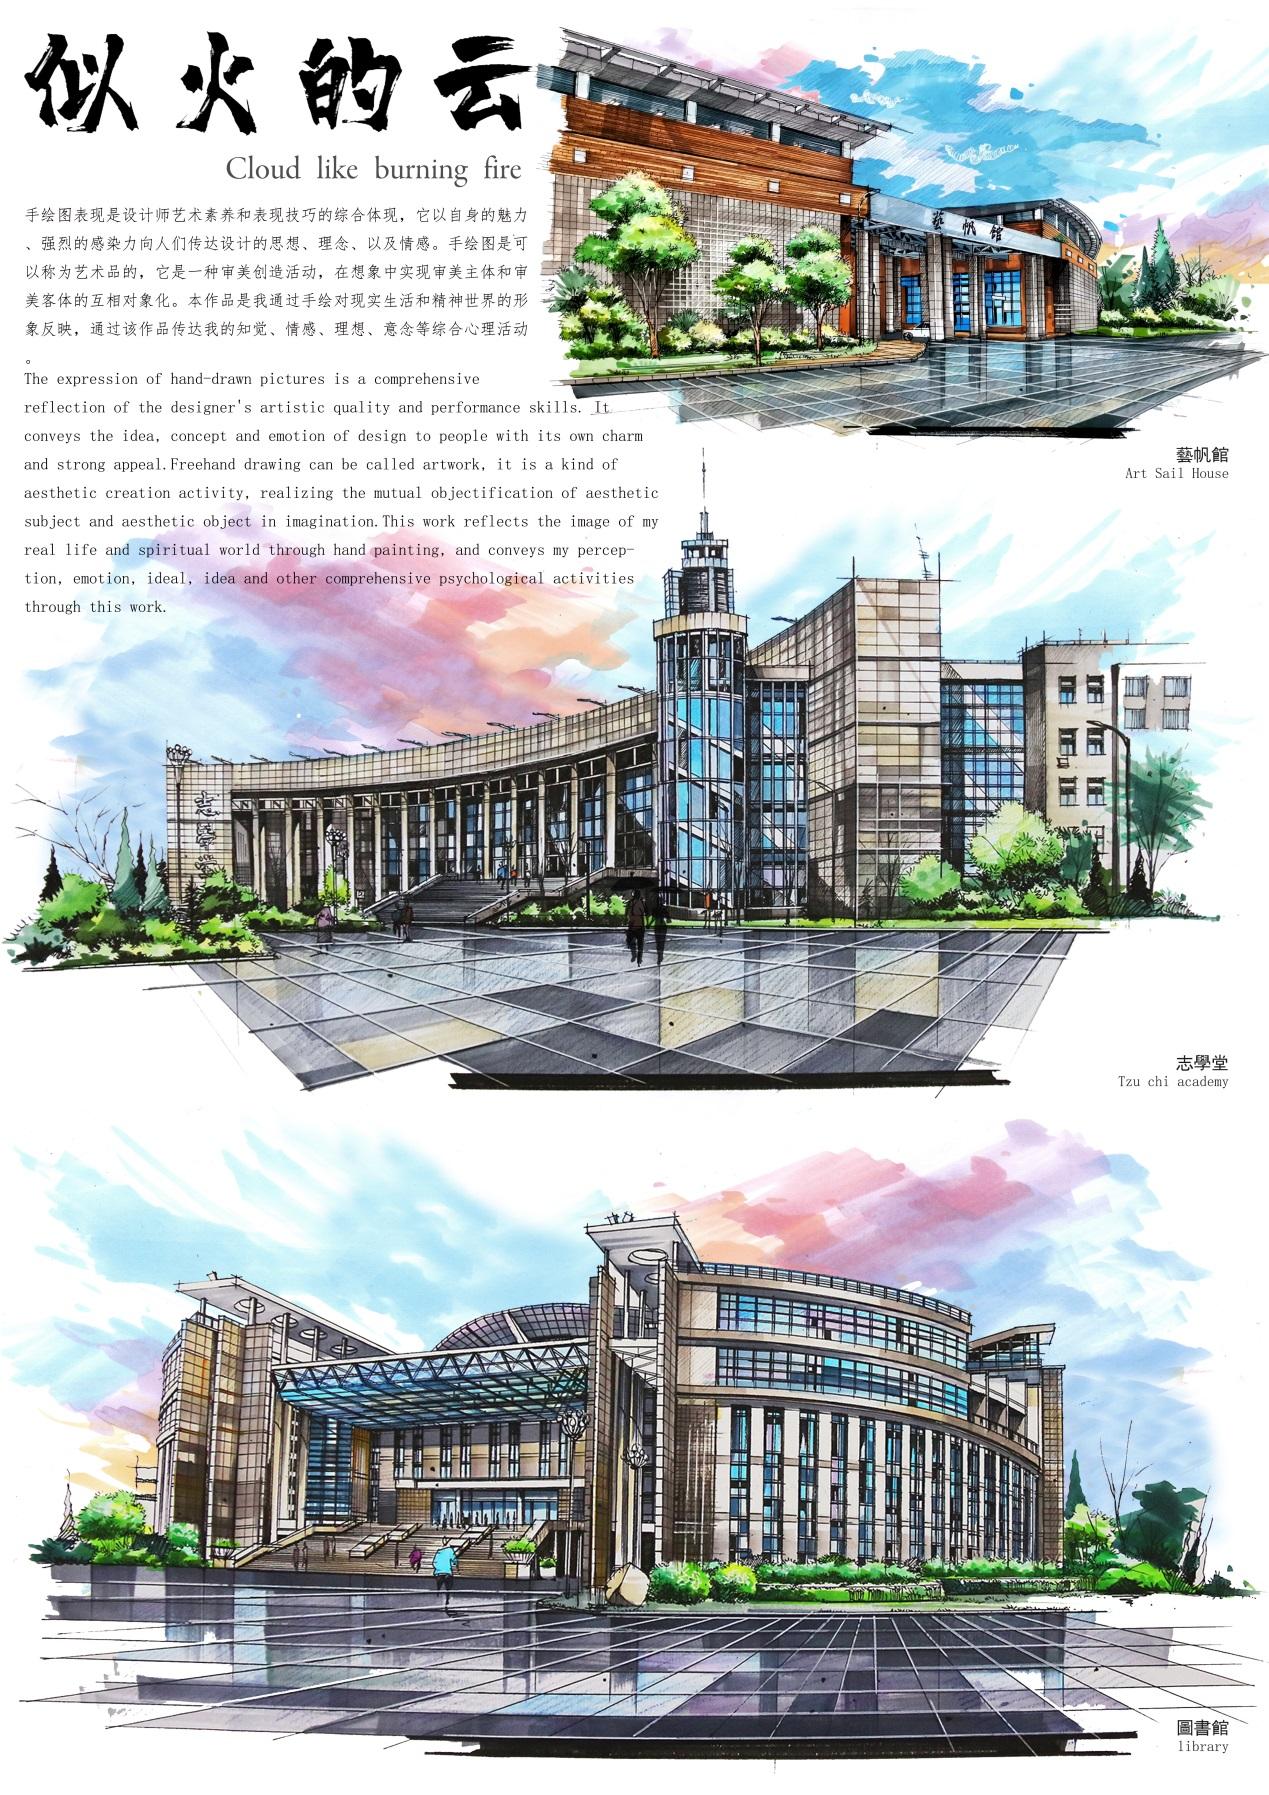 E:\2020国际大学生手绘艺术与设计大赛\参赛作品\手绘写生类\手绘写生类 北京服装学院--似火的云--王天奇\似火的云.jpg